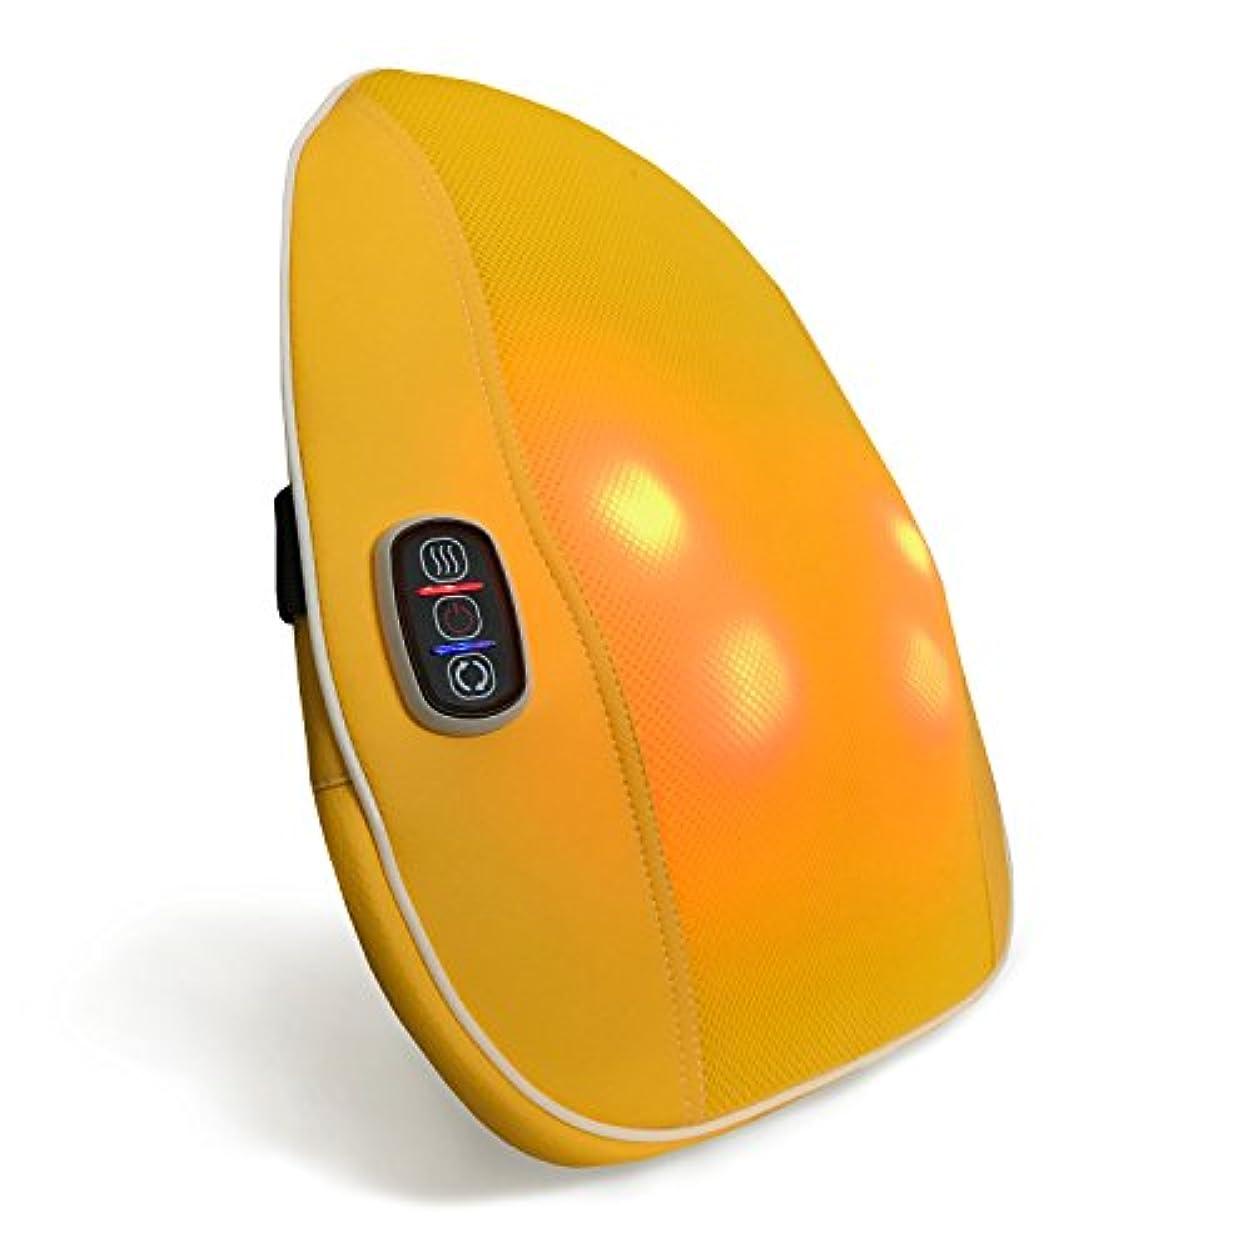 主交響曲潤滑するクロシオ スマートマッサージャー パプリカ イエロー 幅40cm 厚み9cm もみ玉式マッサージ器 薄型 簡単操作 マッサージクッション